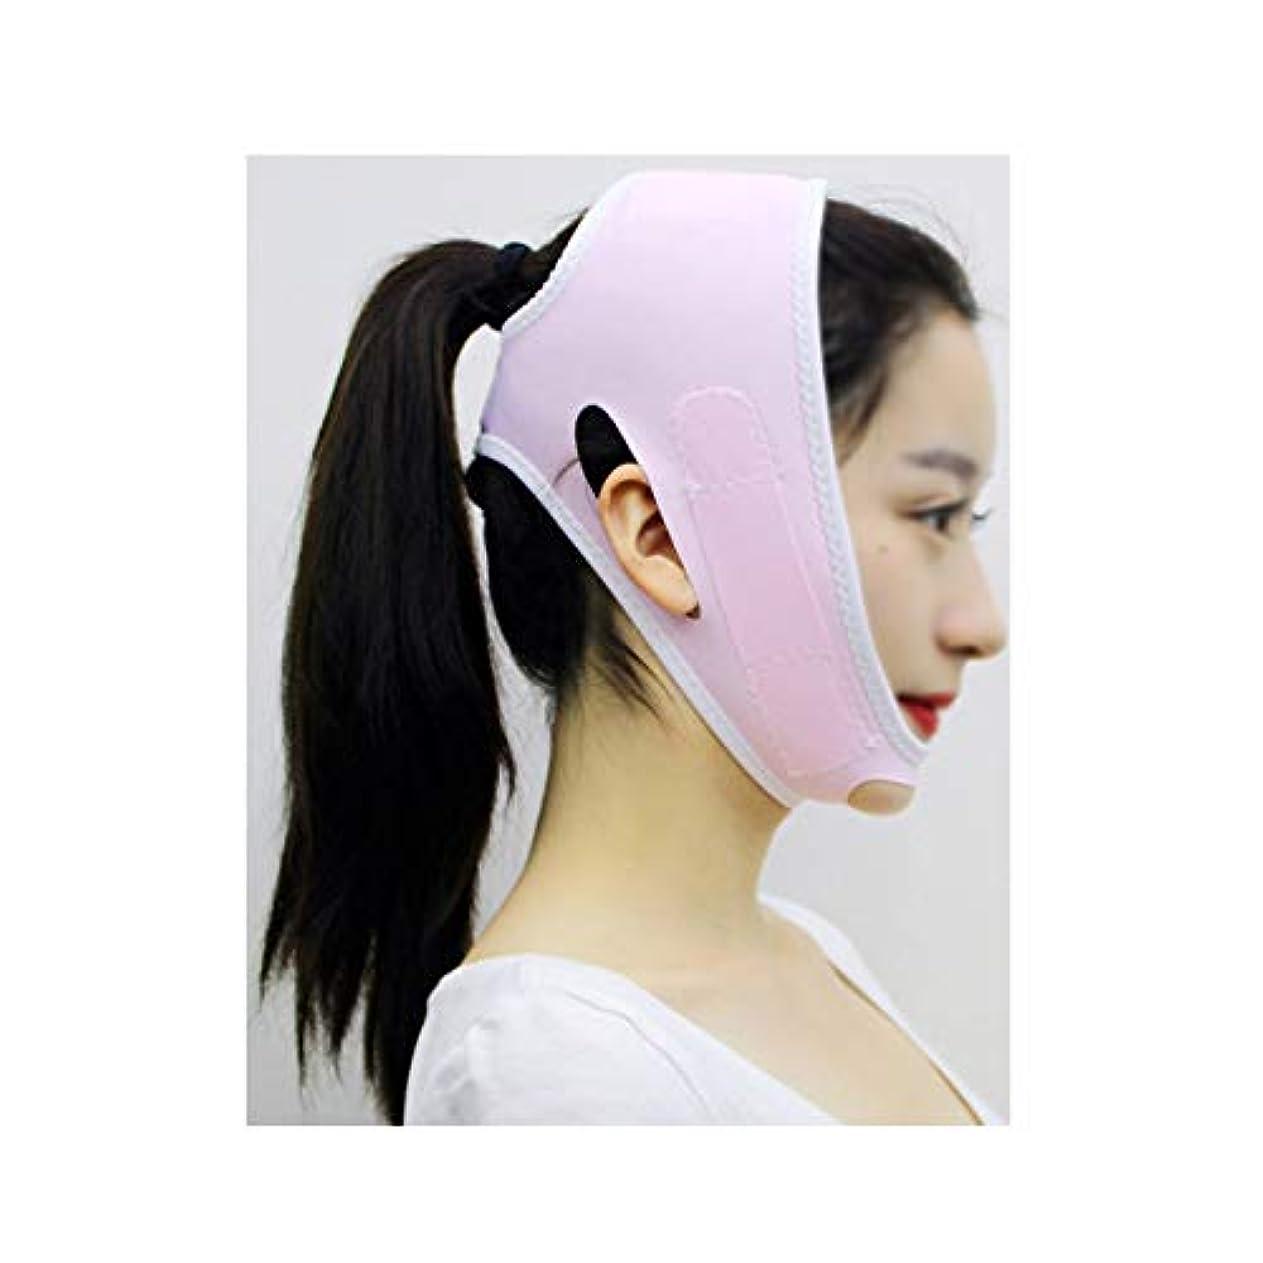 オートお金放散するGLJJQMY 包帯ヘッドギアマスクの顔Vの顔の薄い顔のアーティファクトプラスチック美容ゴムバンドフェイスリフトネックリフト後薄い顔マスクあごベルトの回復 顔用整形マスク (Color : Pink)